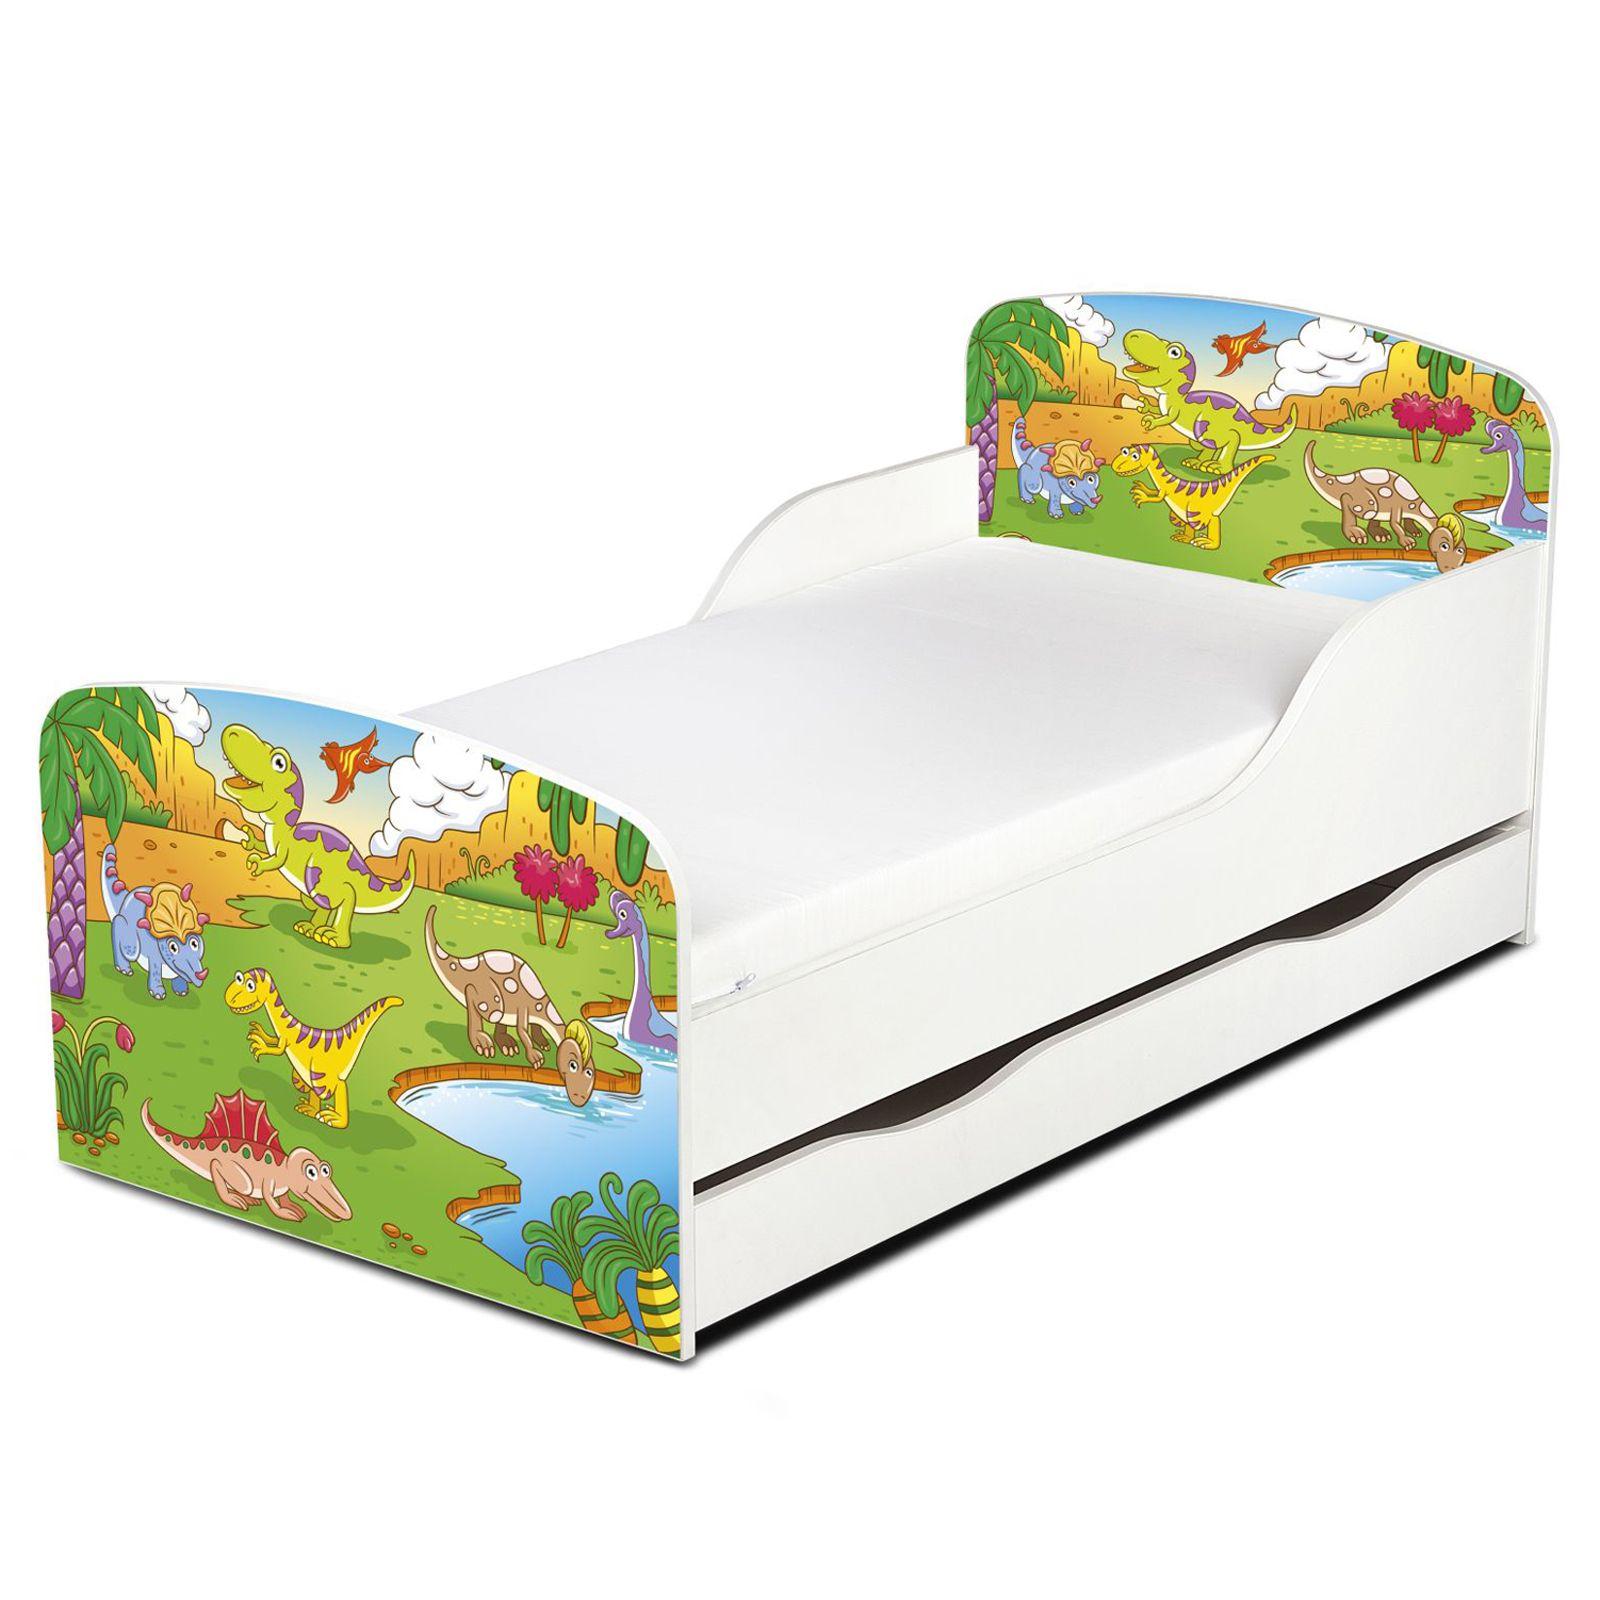 Dinosaur Bed Frame For Sale